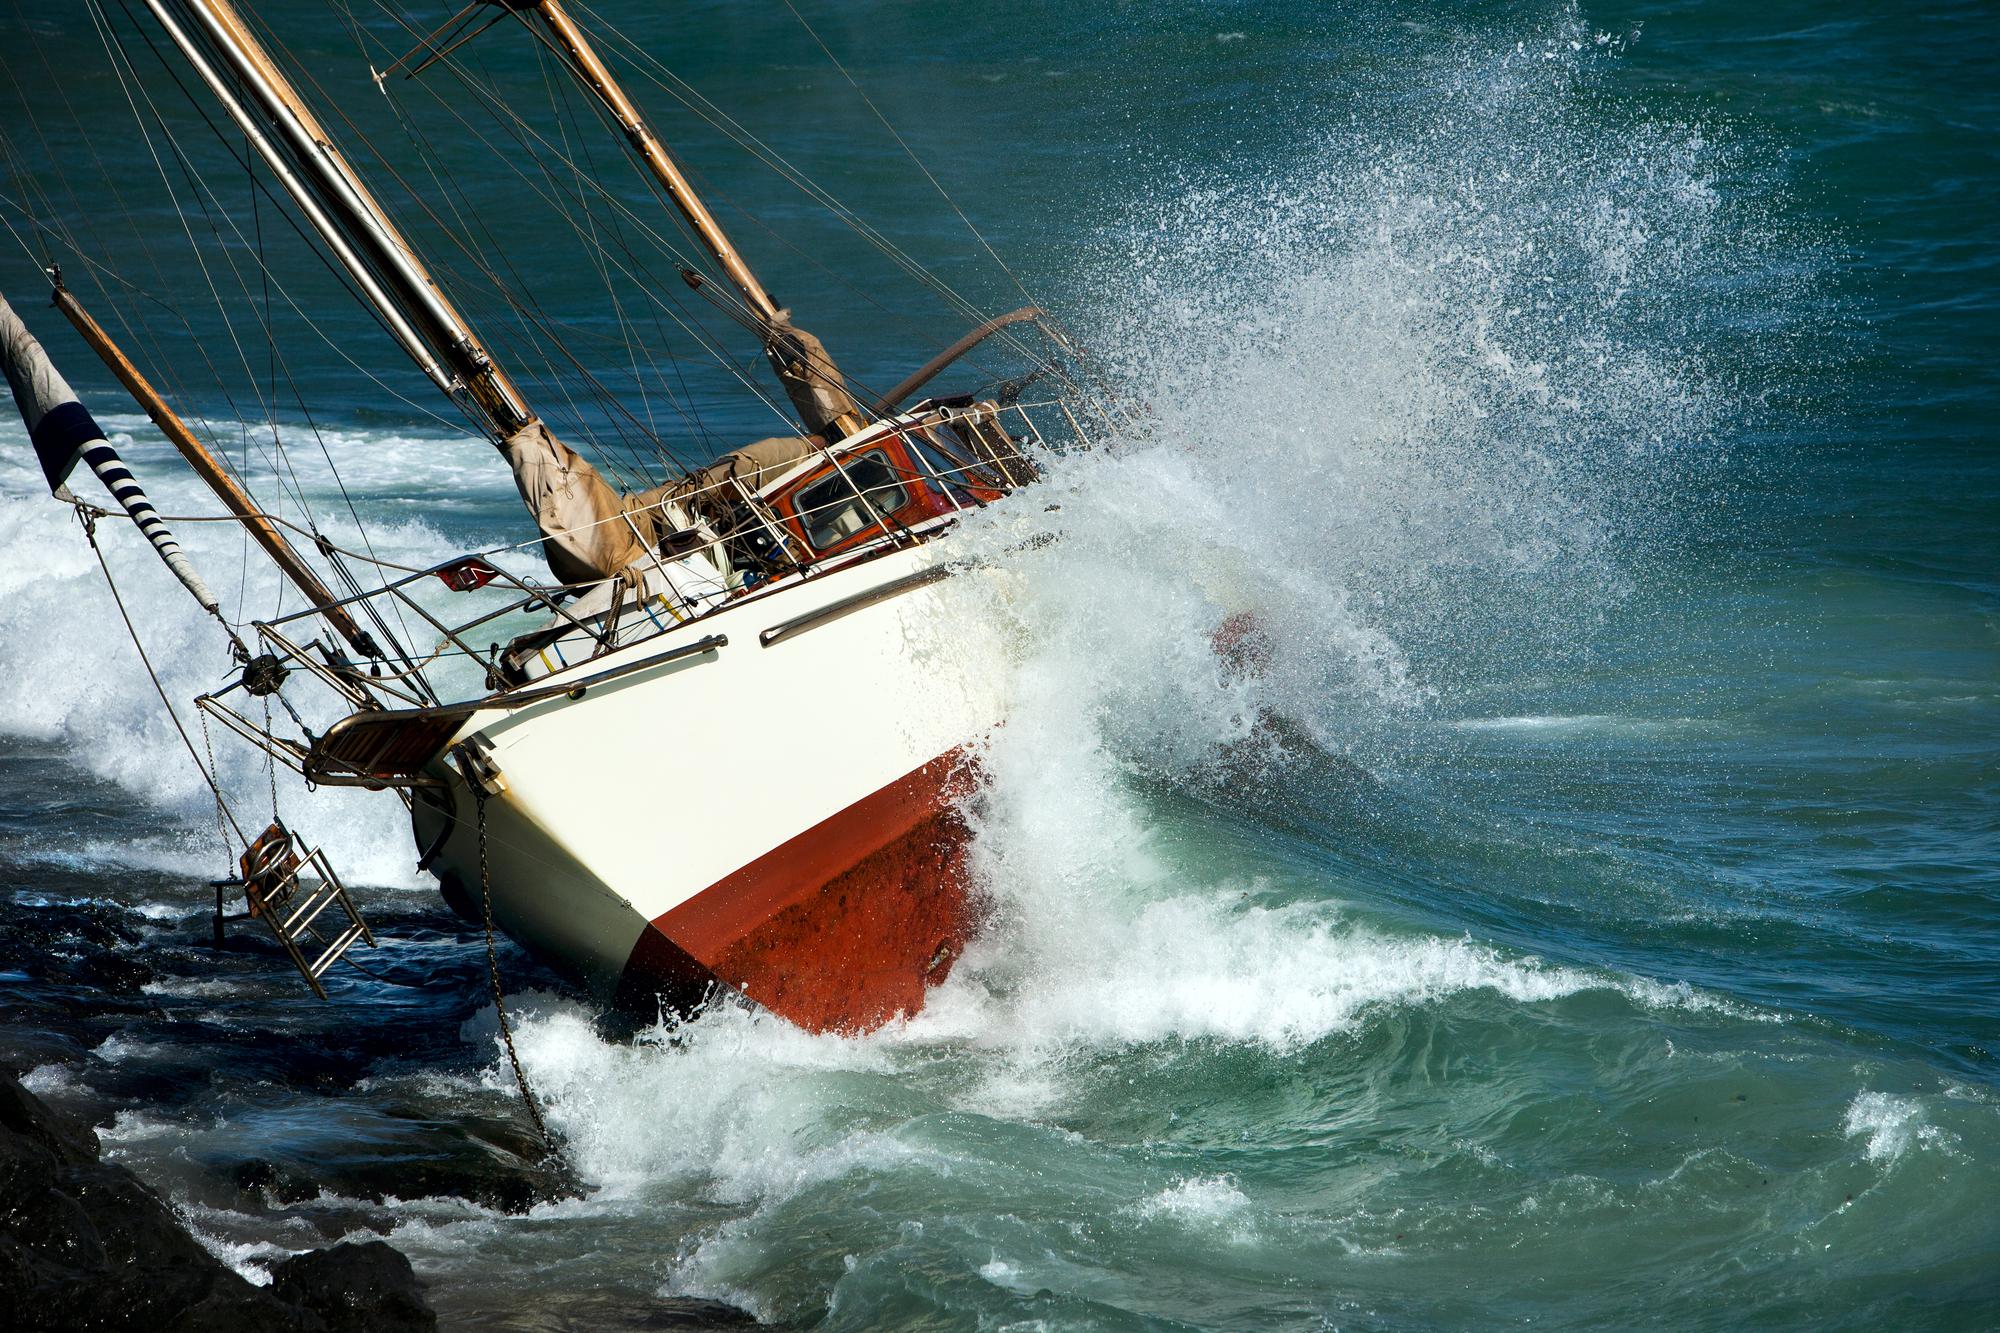 Страхование чартерной яхты